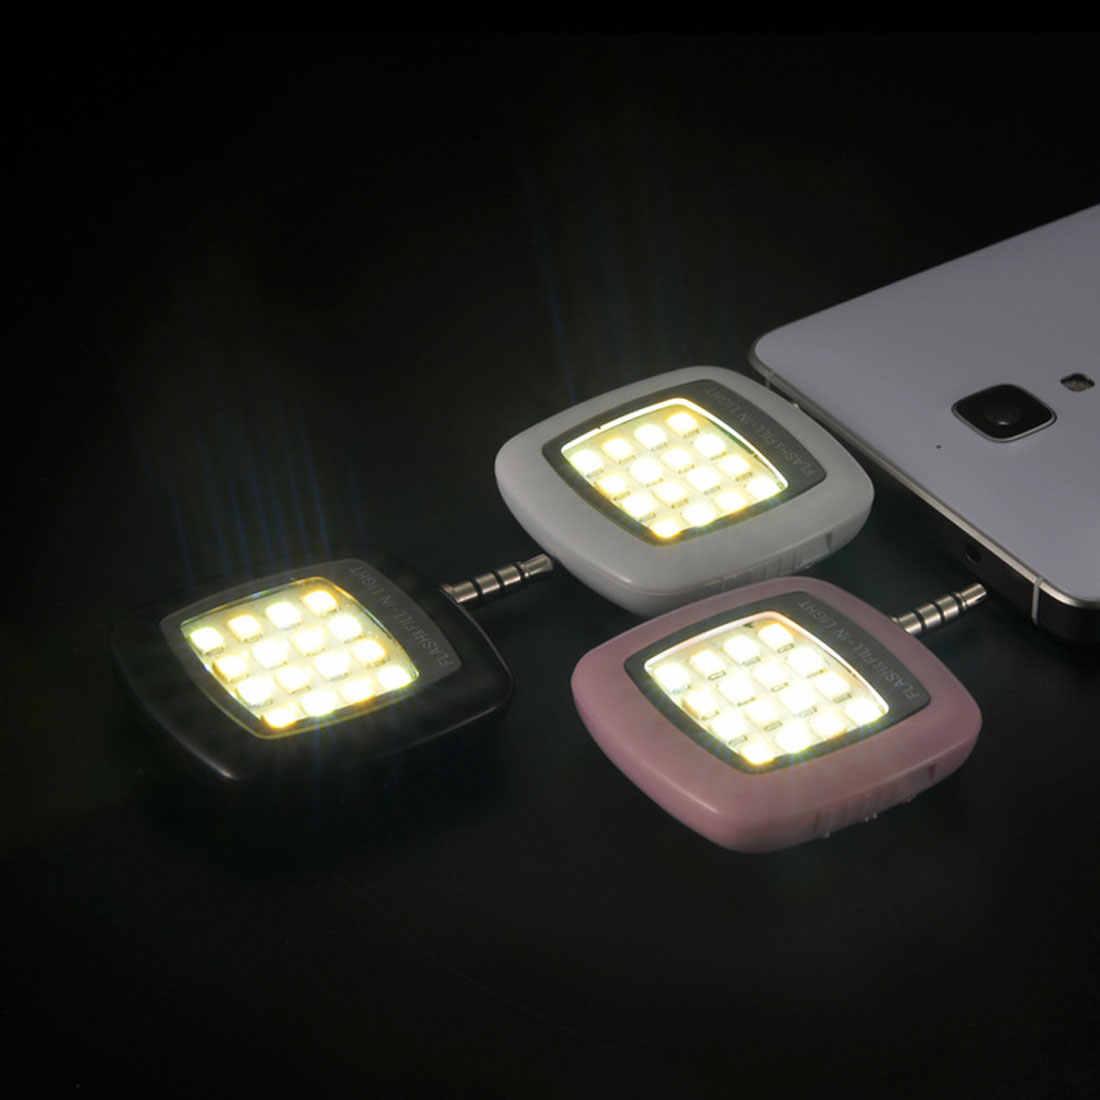 Etmakit Универсальный android 16 светодиодная вспышка лампа для селфи освещение узконаправленный фонарь камера для samsung мобильные Объективы для телефона